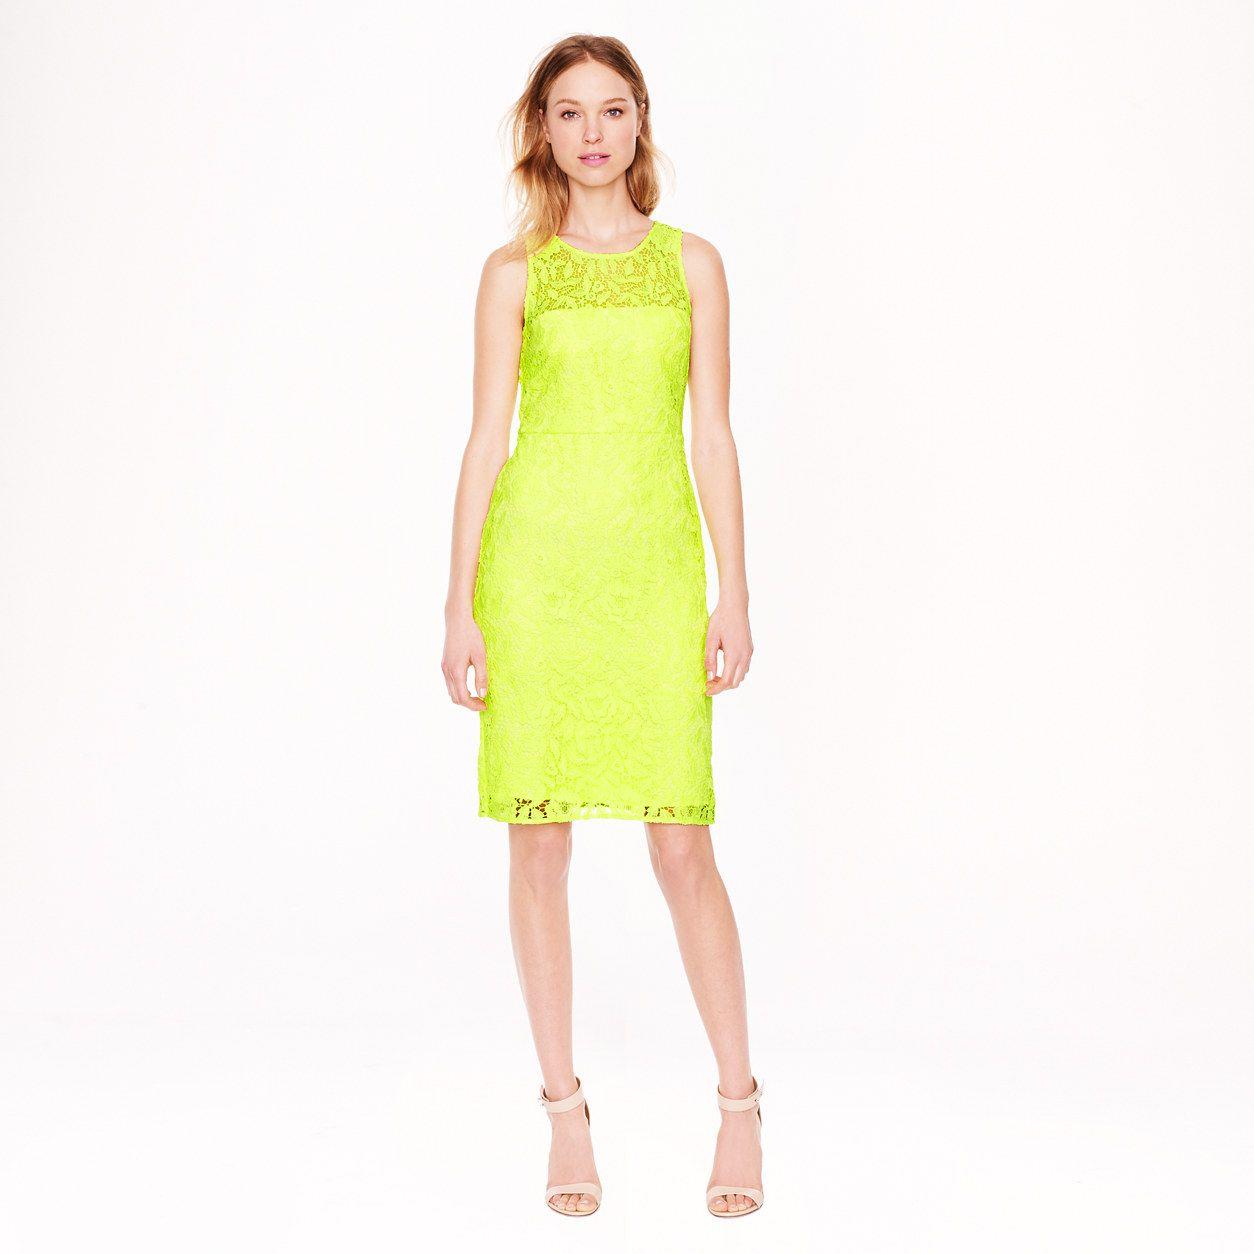 Lace sheath dress day jew fashion finds pinterest lace sheath dress day jew ombrellifo Choice Image